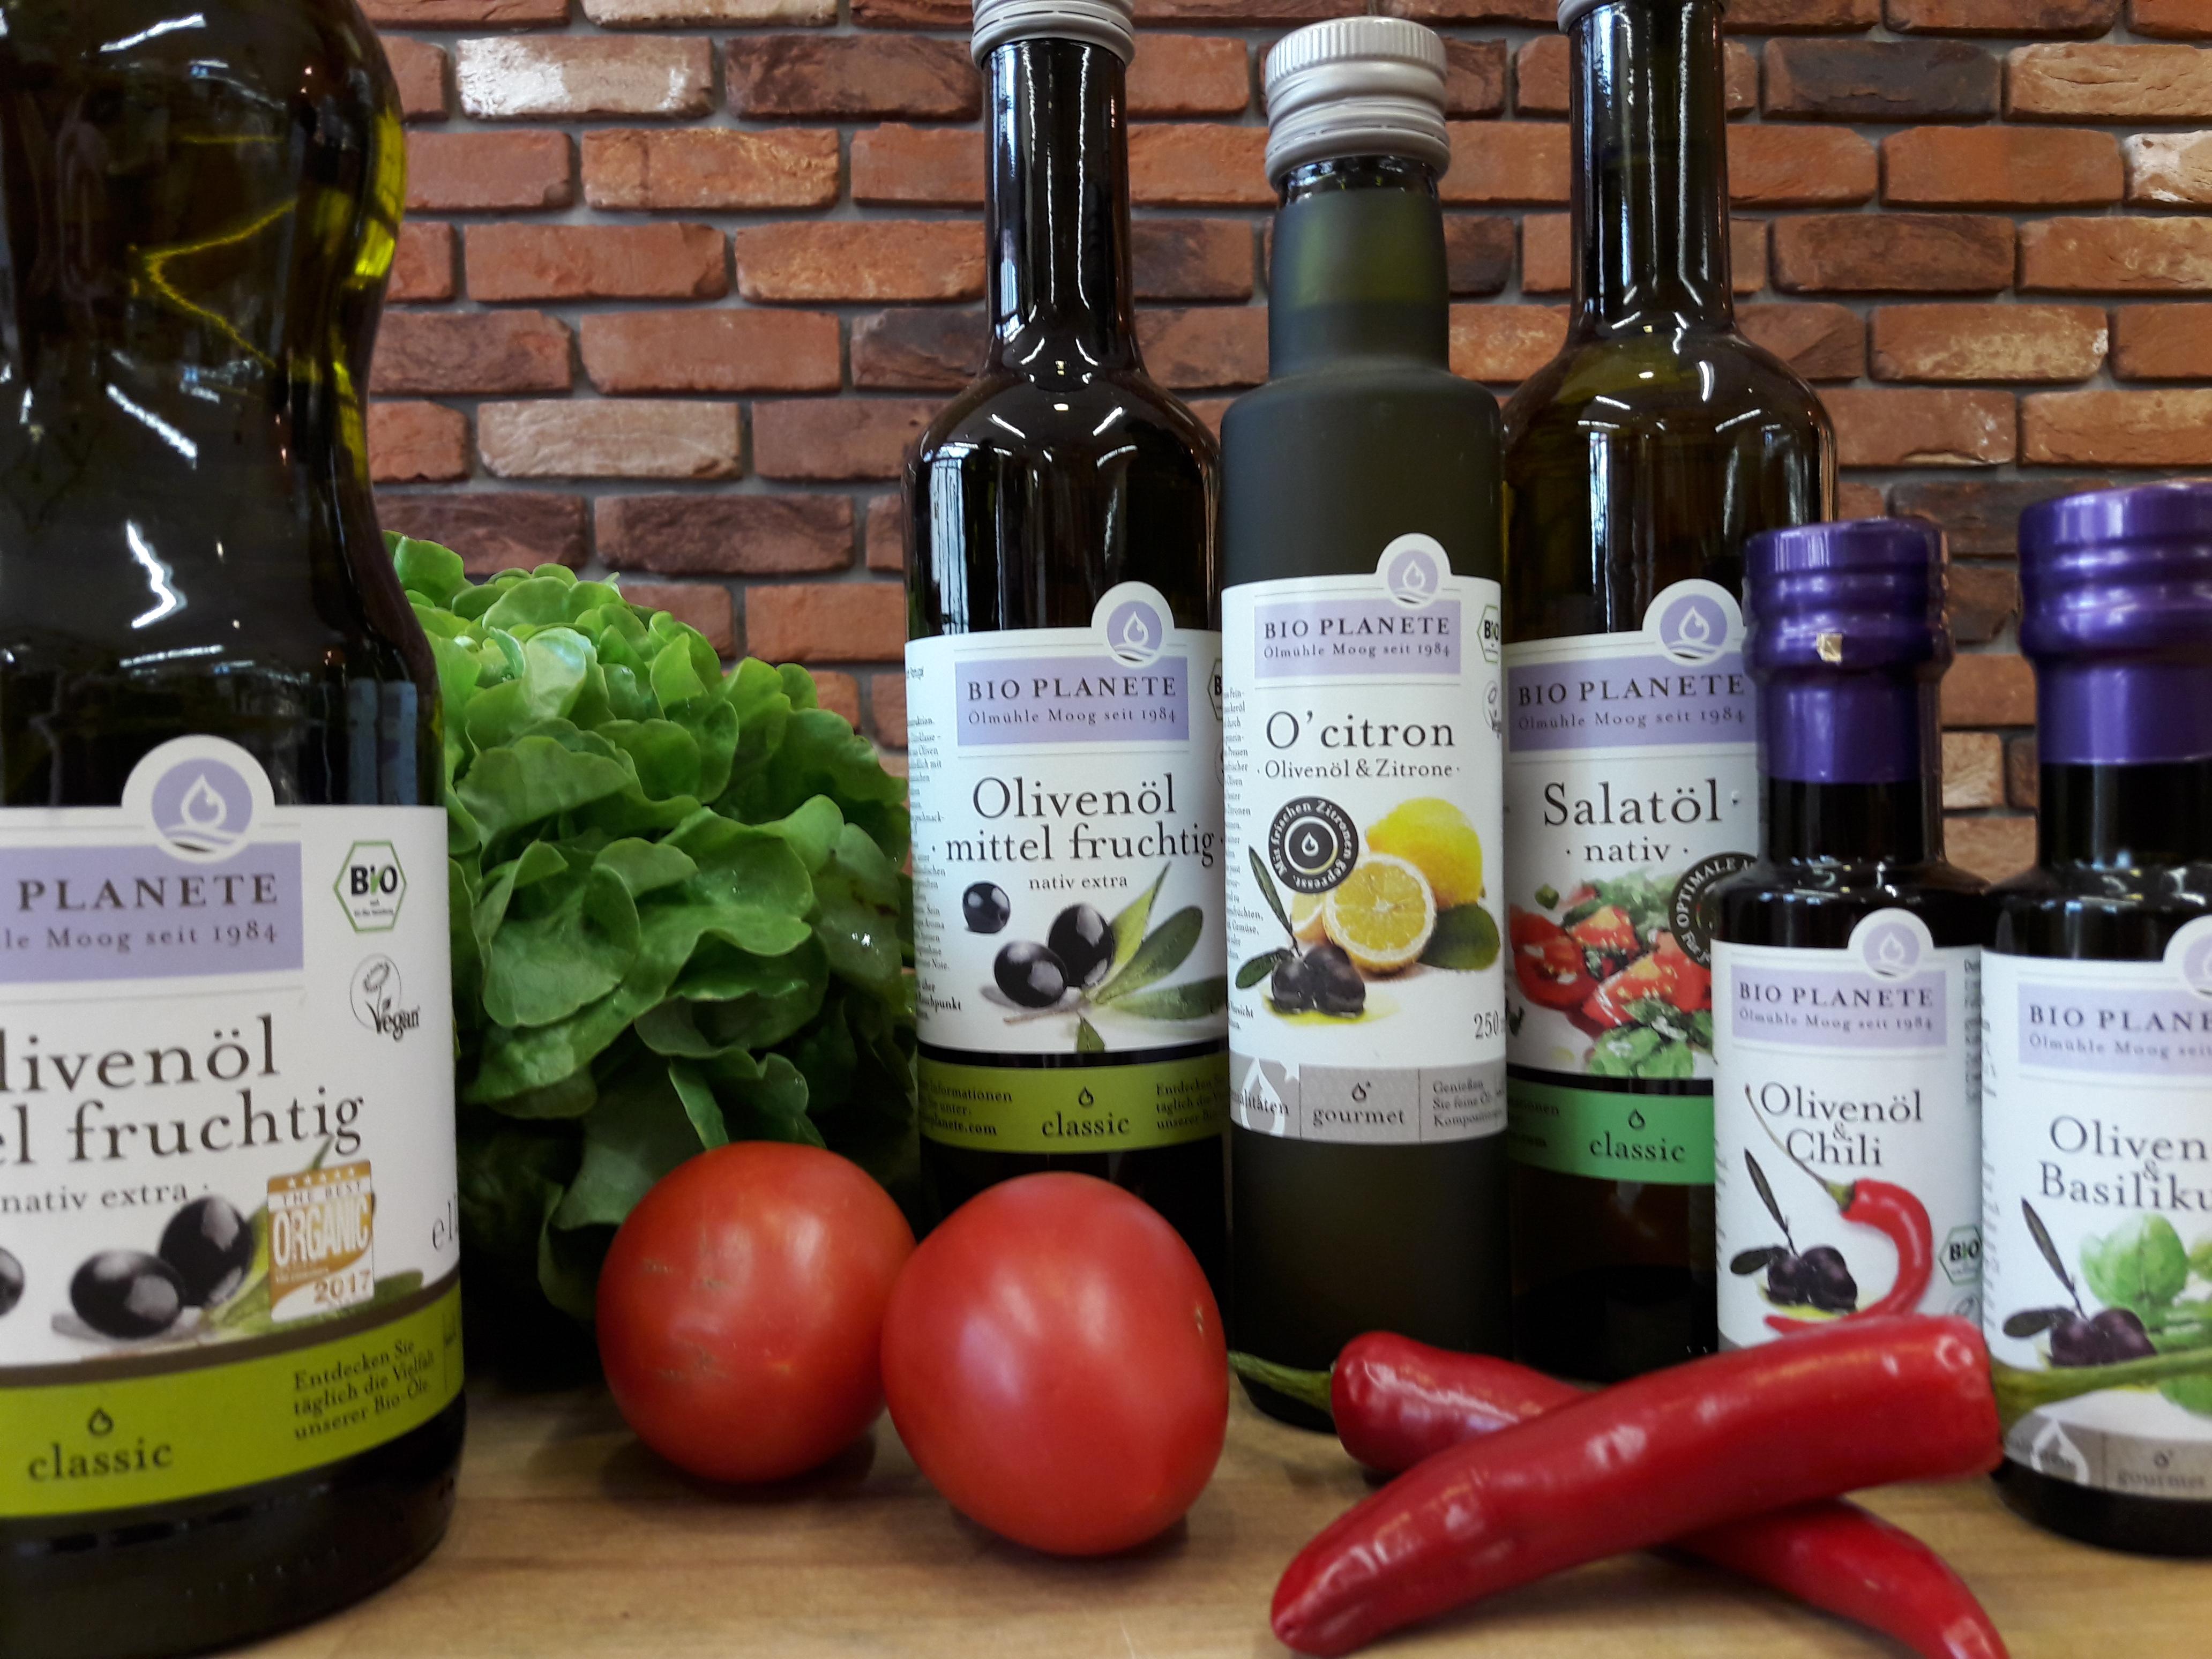 Hochwertige pflanzliche Öle für jede Gelegenheit: Bio Planète-Verkostungsaktion am Donnerstag, den 31. Mai 2018